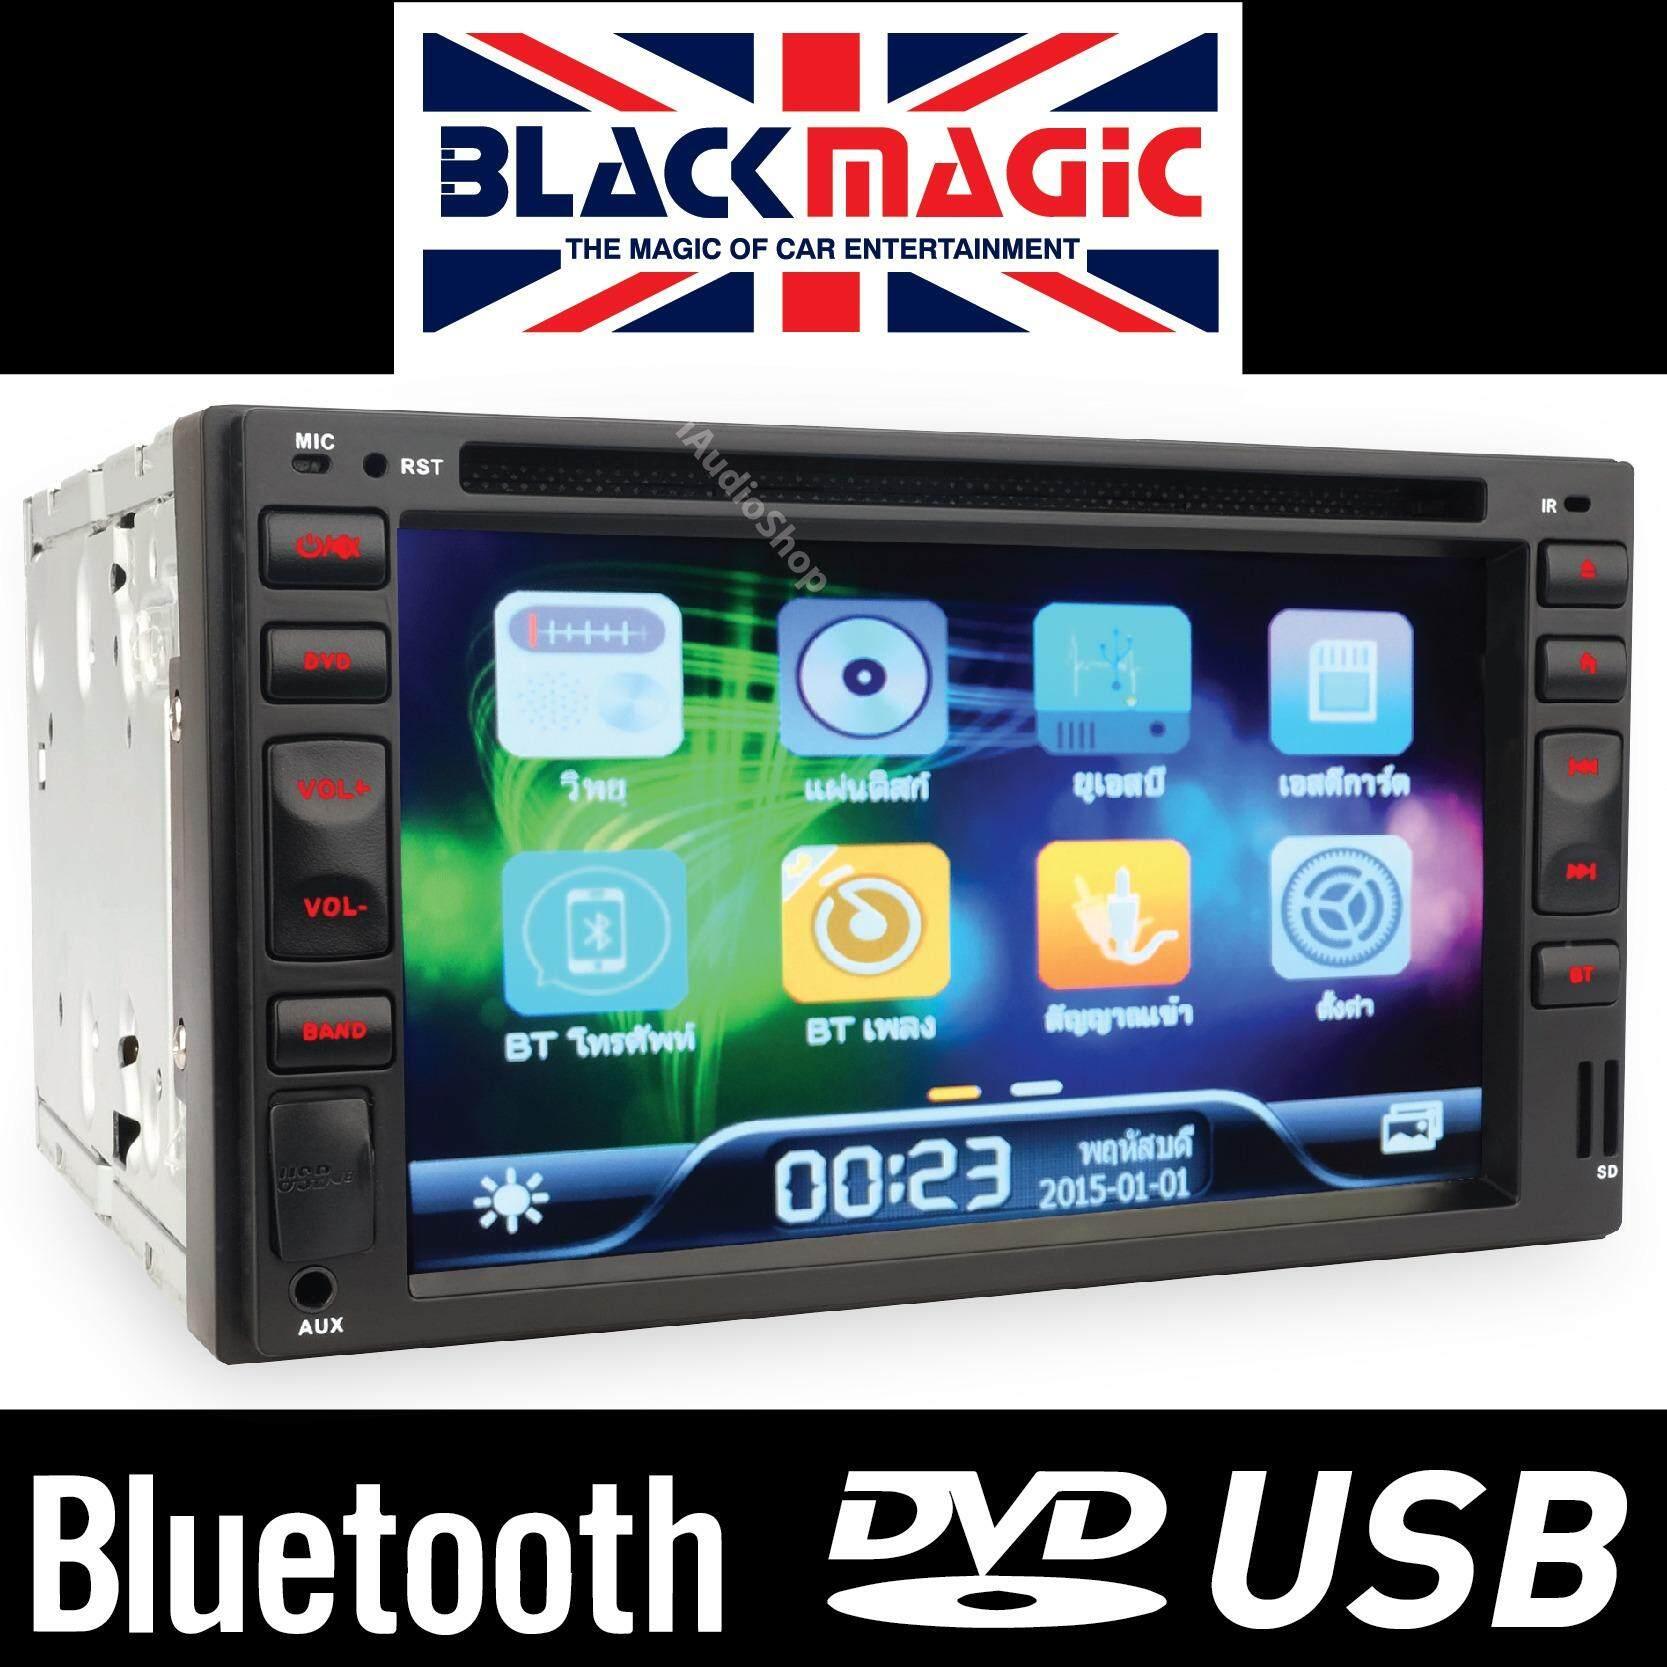 ส่วนลด สินค้า Black Magic วิทยุติดรถยนต์ จอติดรถยนต์ จอ2ดิน จอ2Din เครื่องเล่นติดรถยนต์ เครื่องเสียงรถยนต์ ตัวรับสัญญาณแบบสเตอริโอ แบบ 2Din ขนาด6 5นิ้ว แถมฟรี ผ้าไมโครไฟเบอร์อย่างดี 1 ผืน